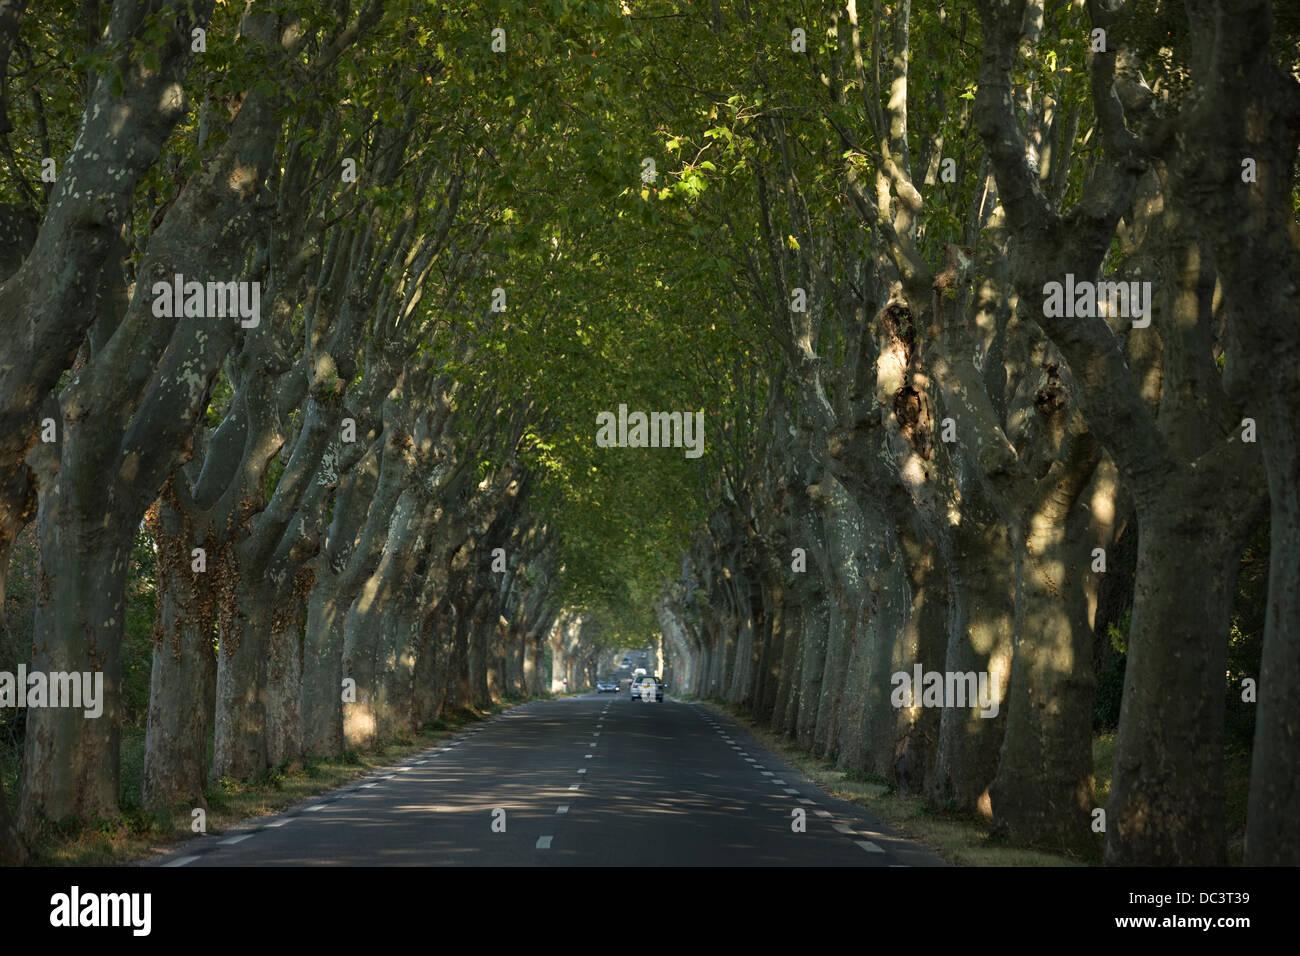 ROUTE D99 SYCAMORE TREE LINED ROAD SAINT RÉMY DE PROVENCE FRANCE Banque D'Images